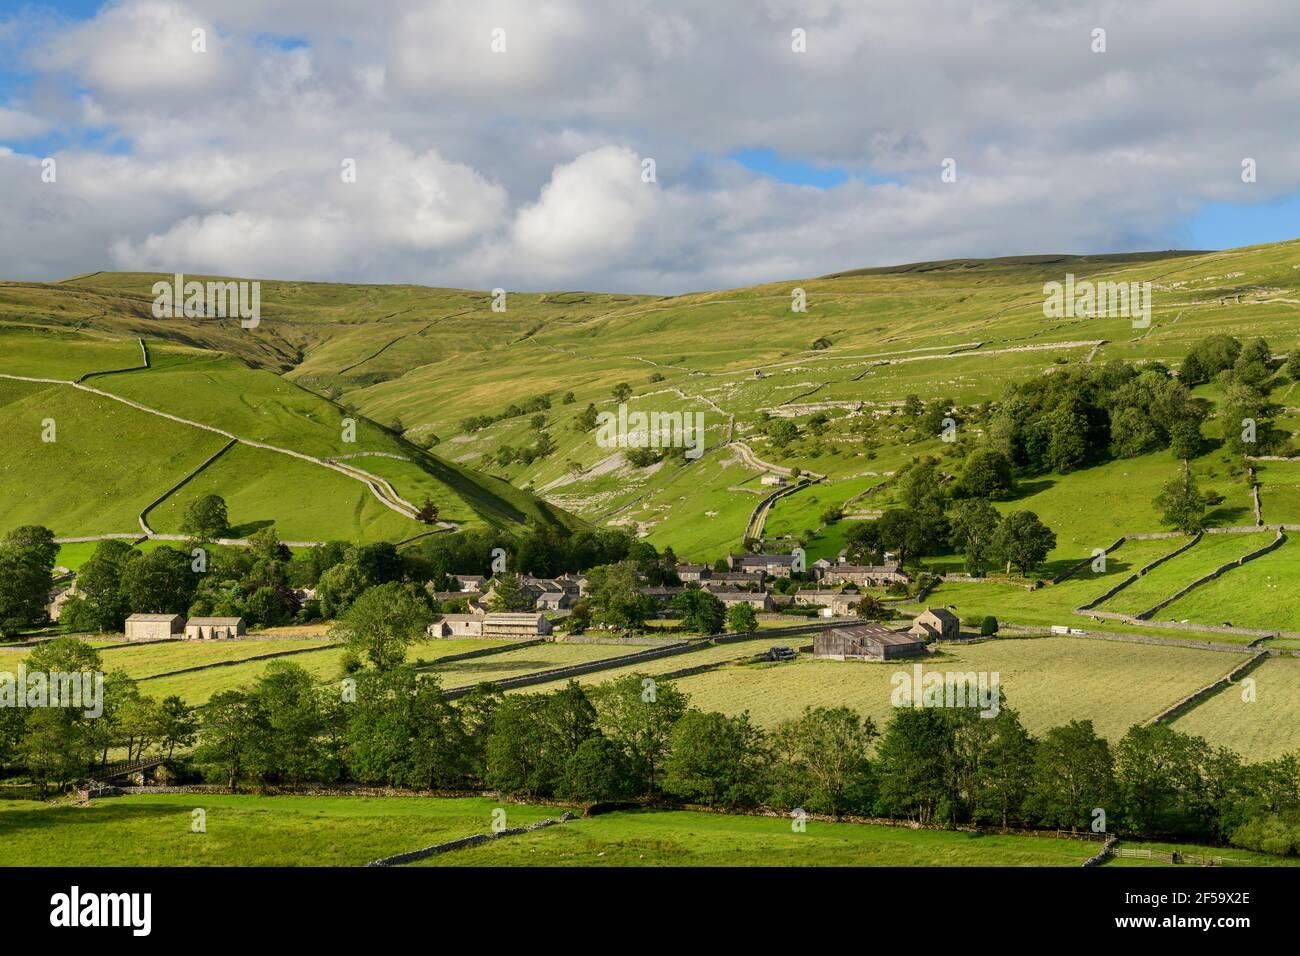 Pintoresco pueblo de Dales (casas de piedra) situado en el valle iluminado por el sol por campos, colinas, laderas y garganta empinada - Starbotton, Yorkshire Inglaterra Reino Unido. Foto de stock